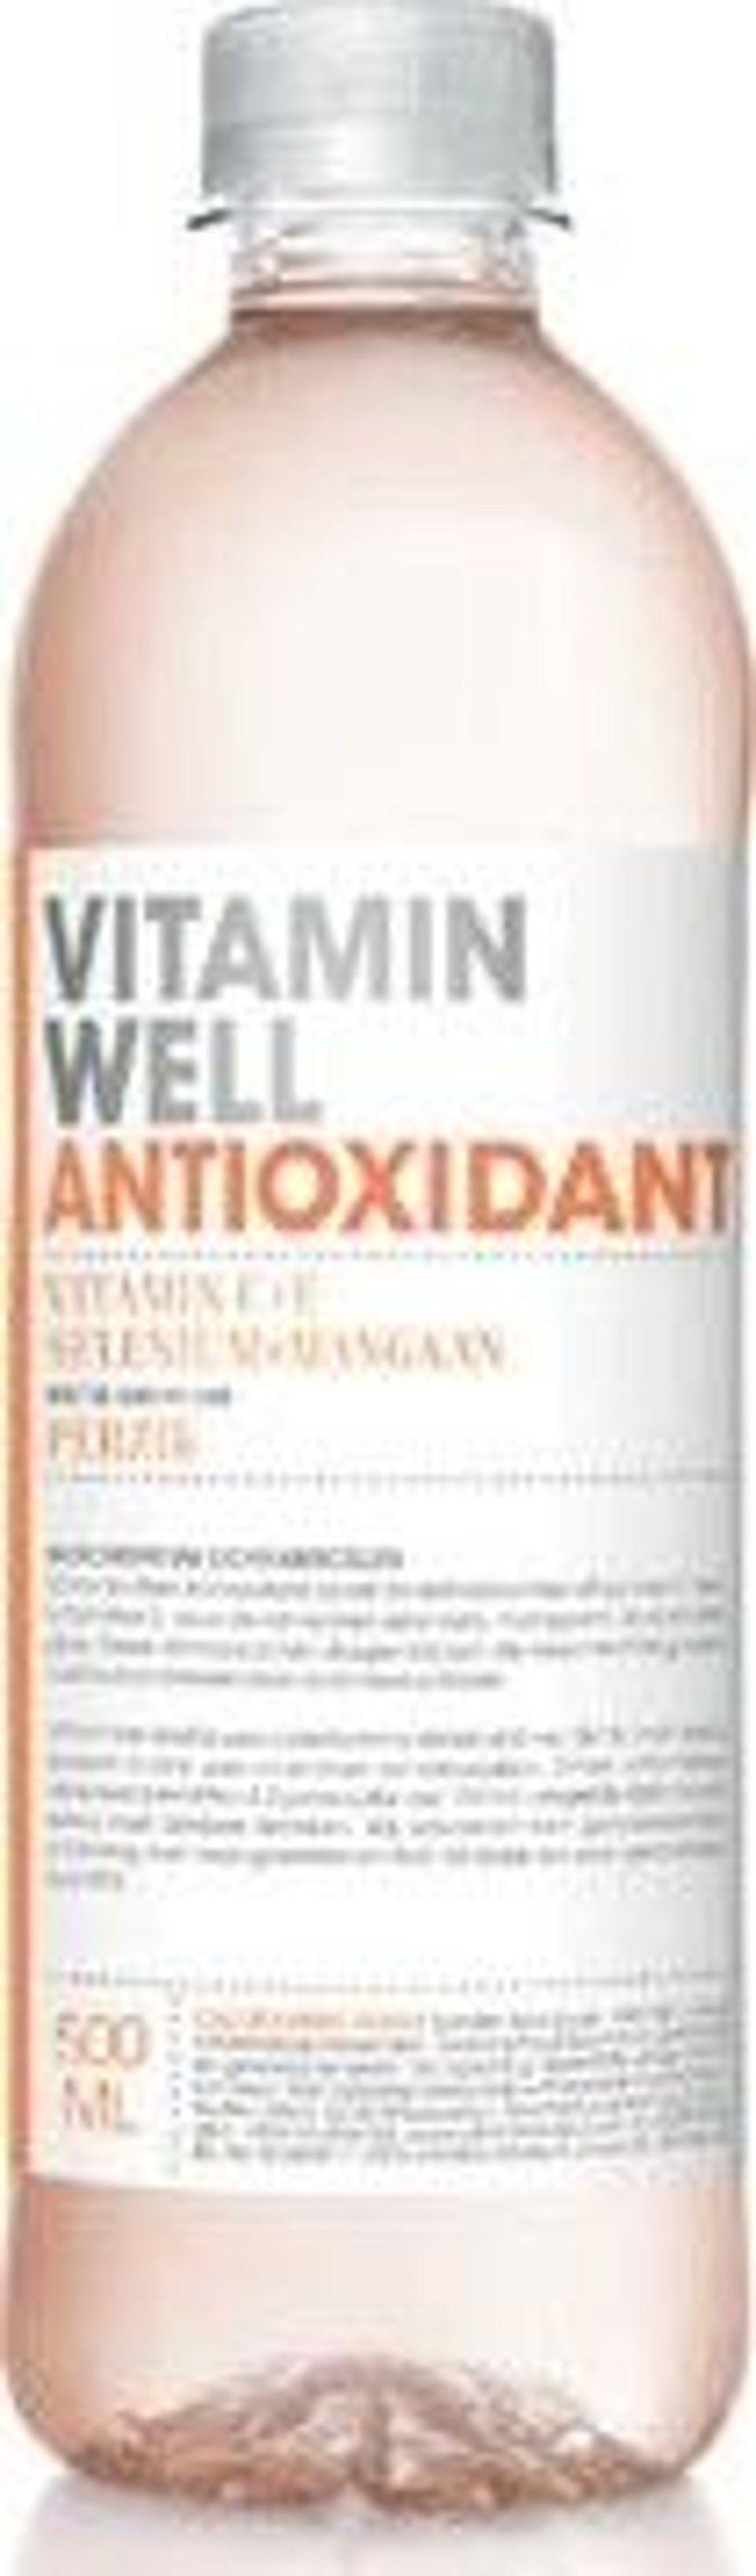 Antioxidant perzik